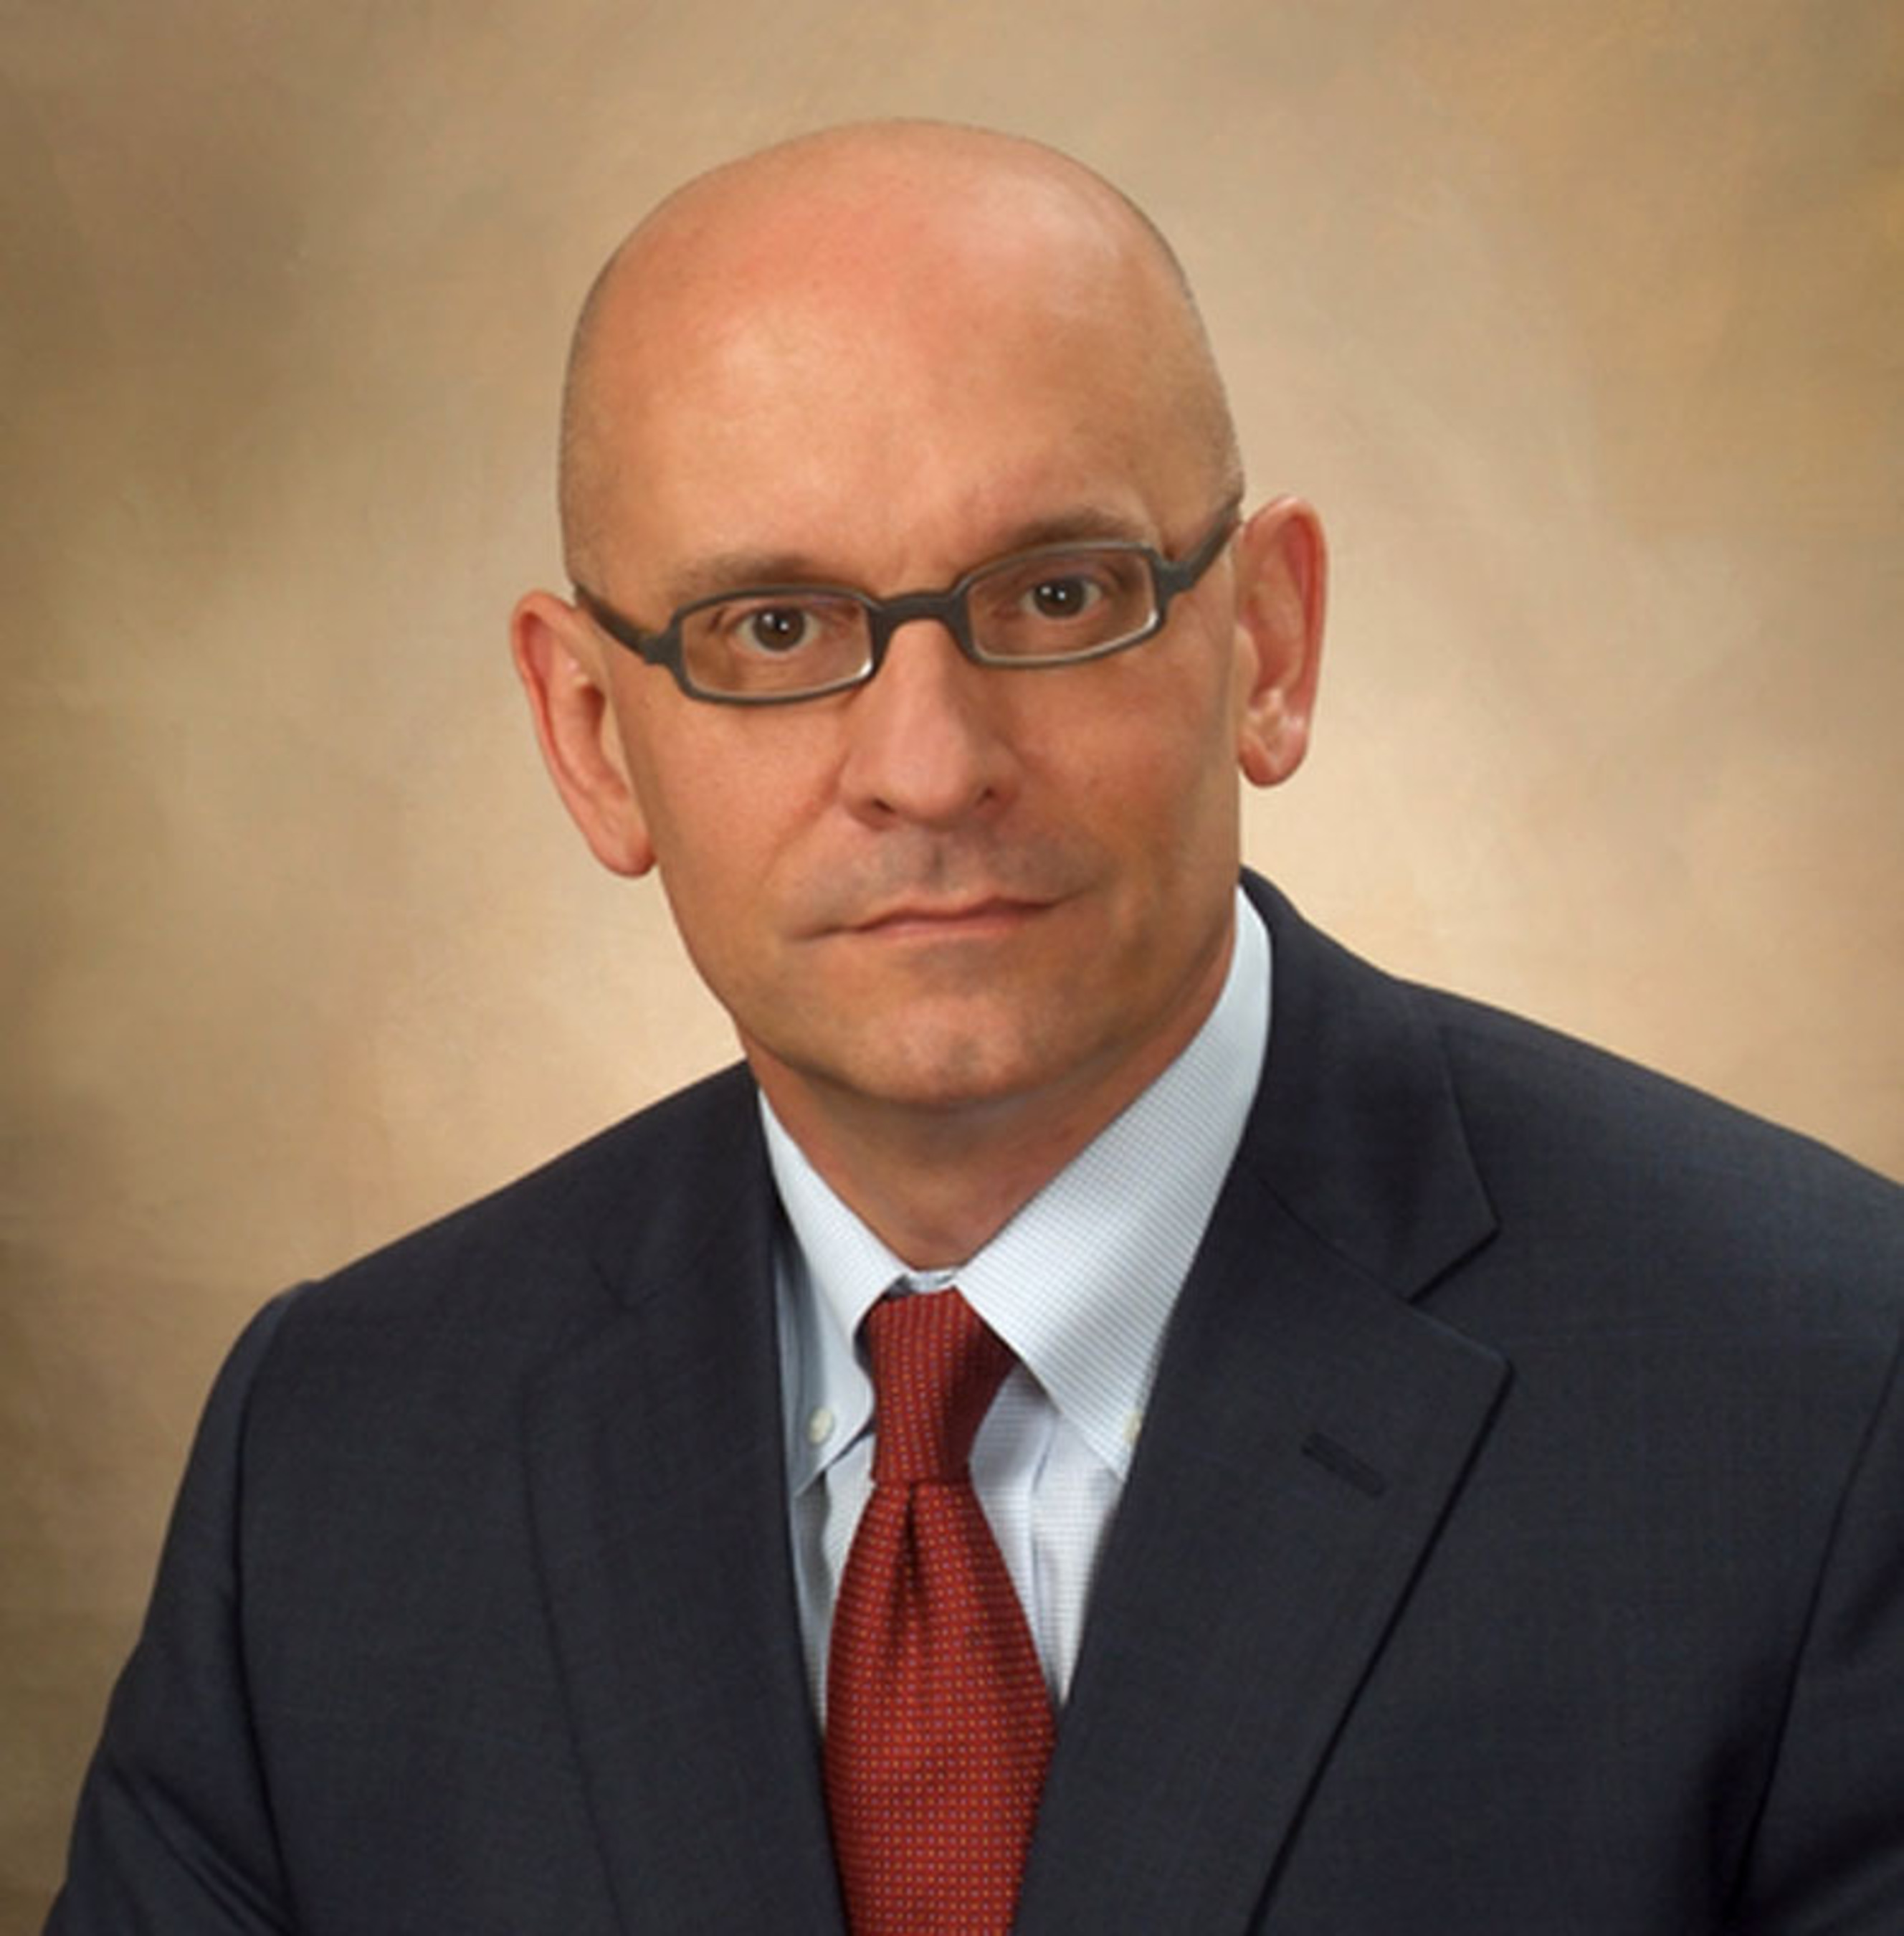 Attorney Jeffery Cleghorn. (PRNewsFoto/Kitchens New Cleghorn, LLC)